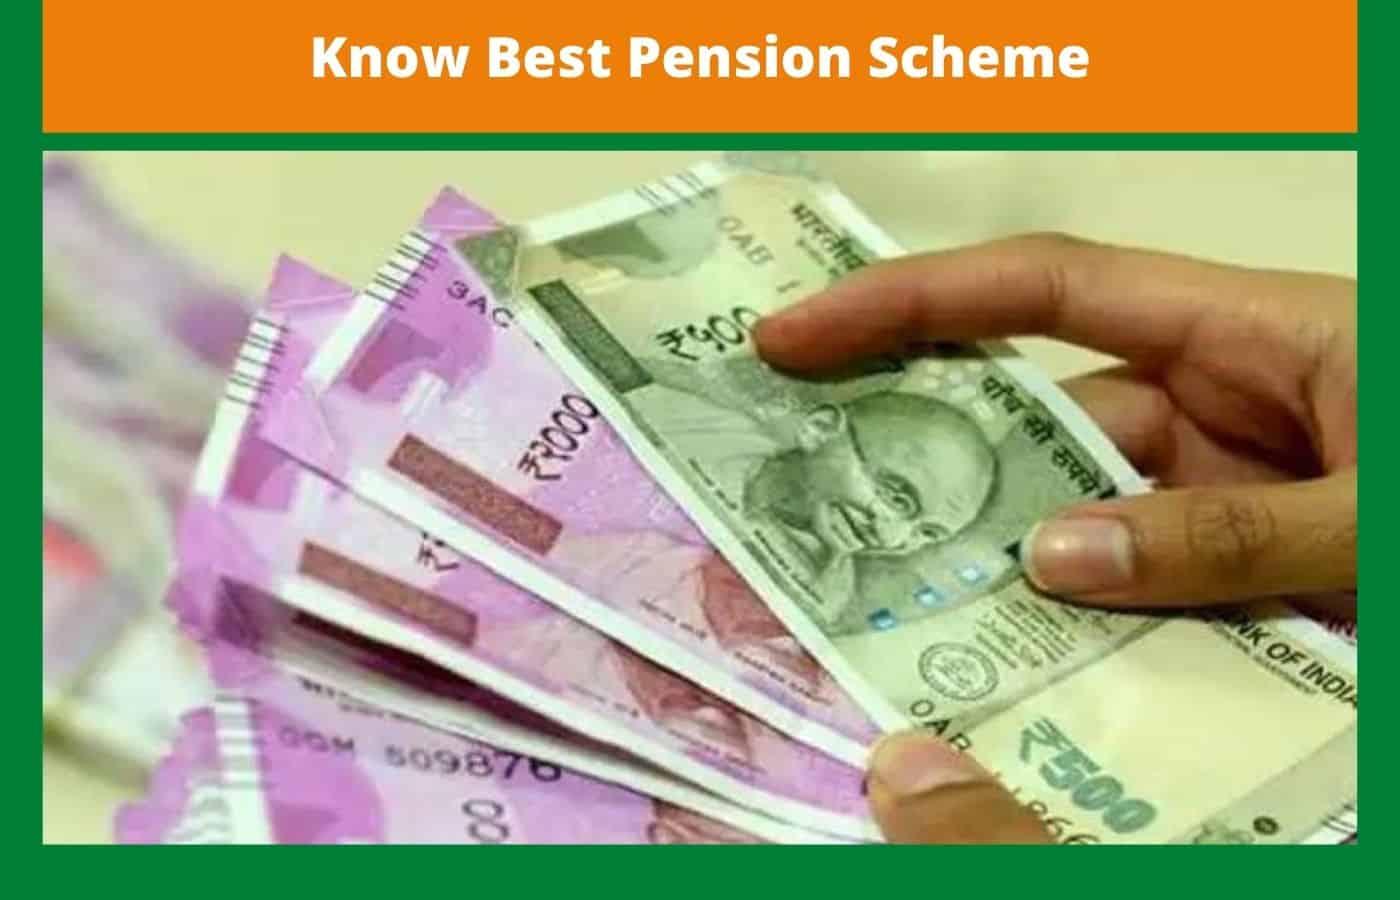 Know Best Pension Scheme